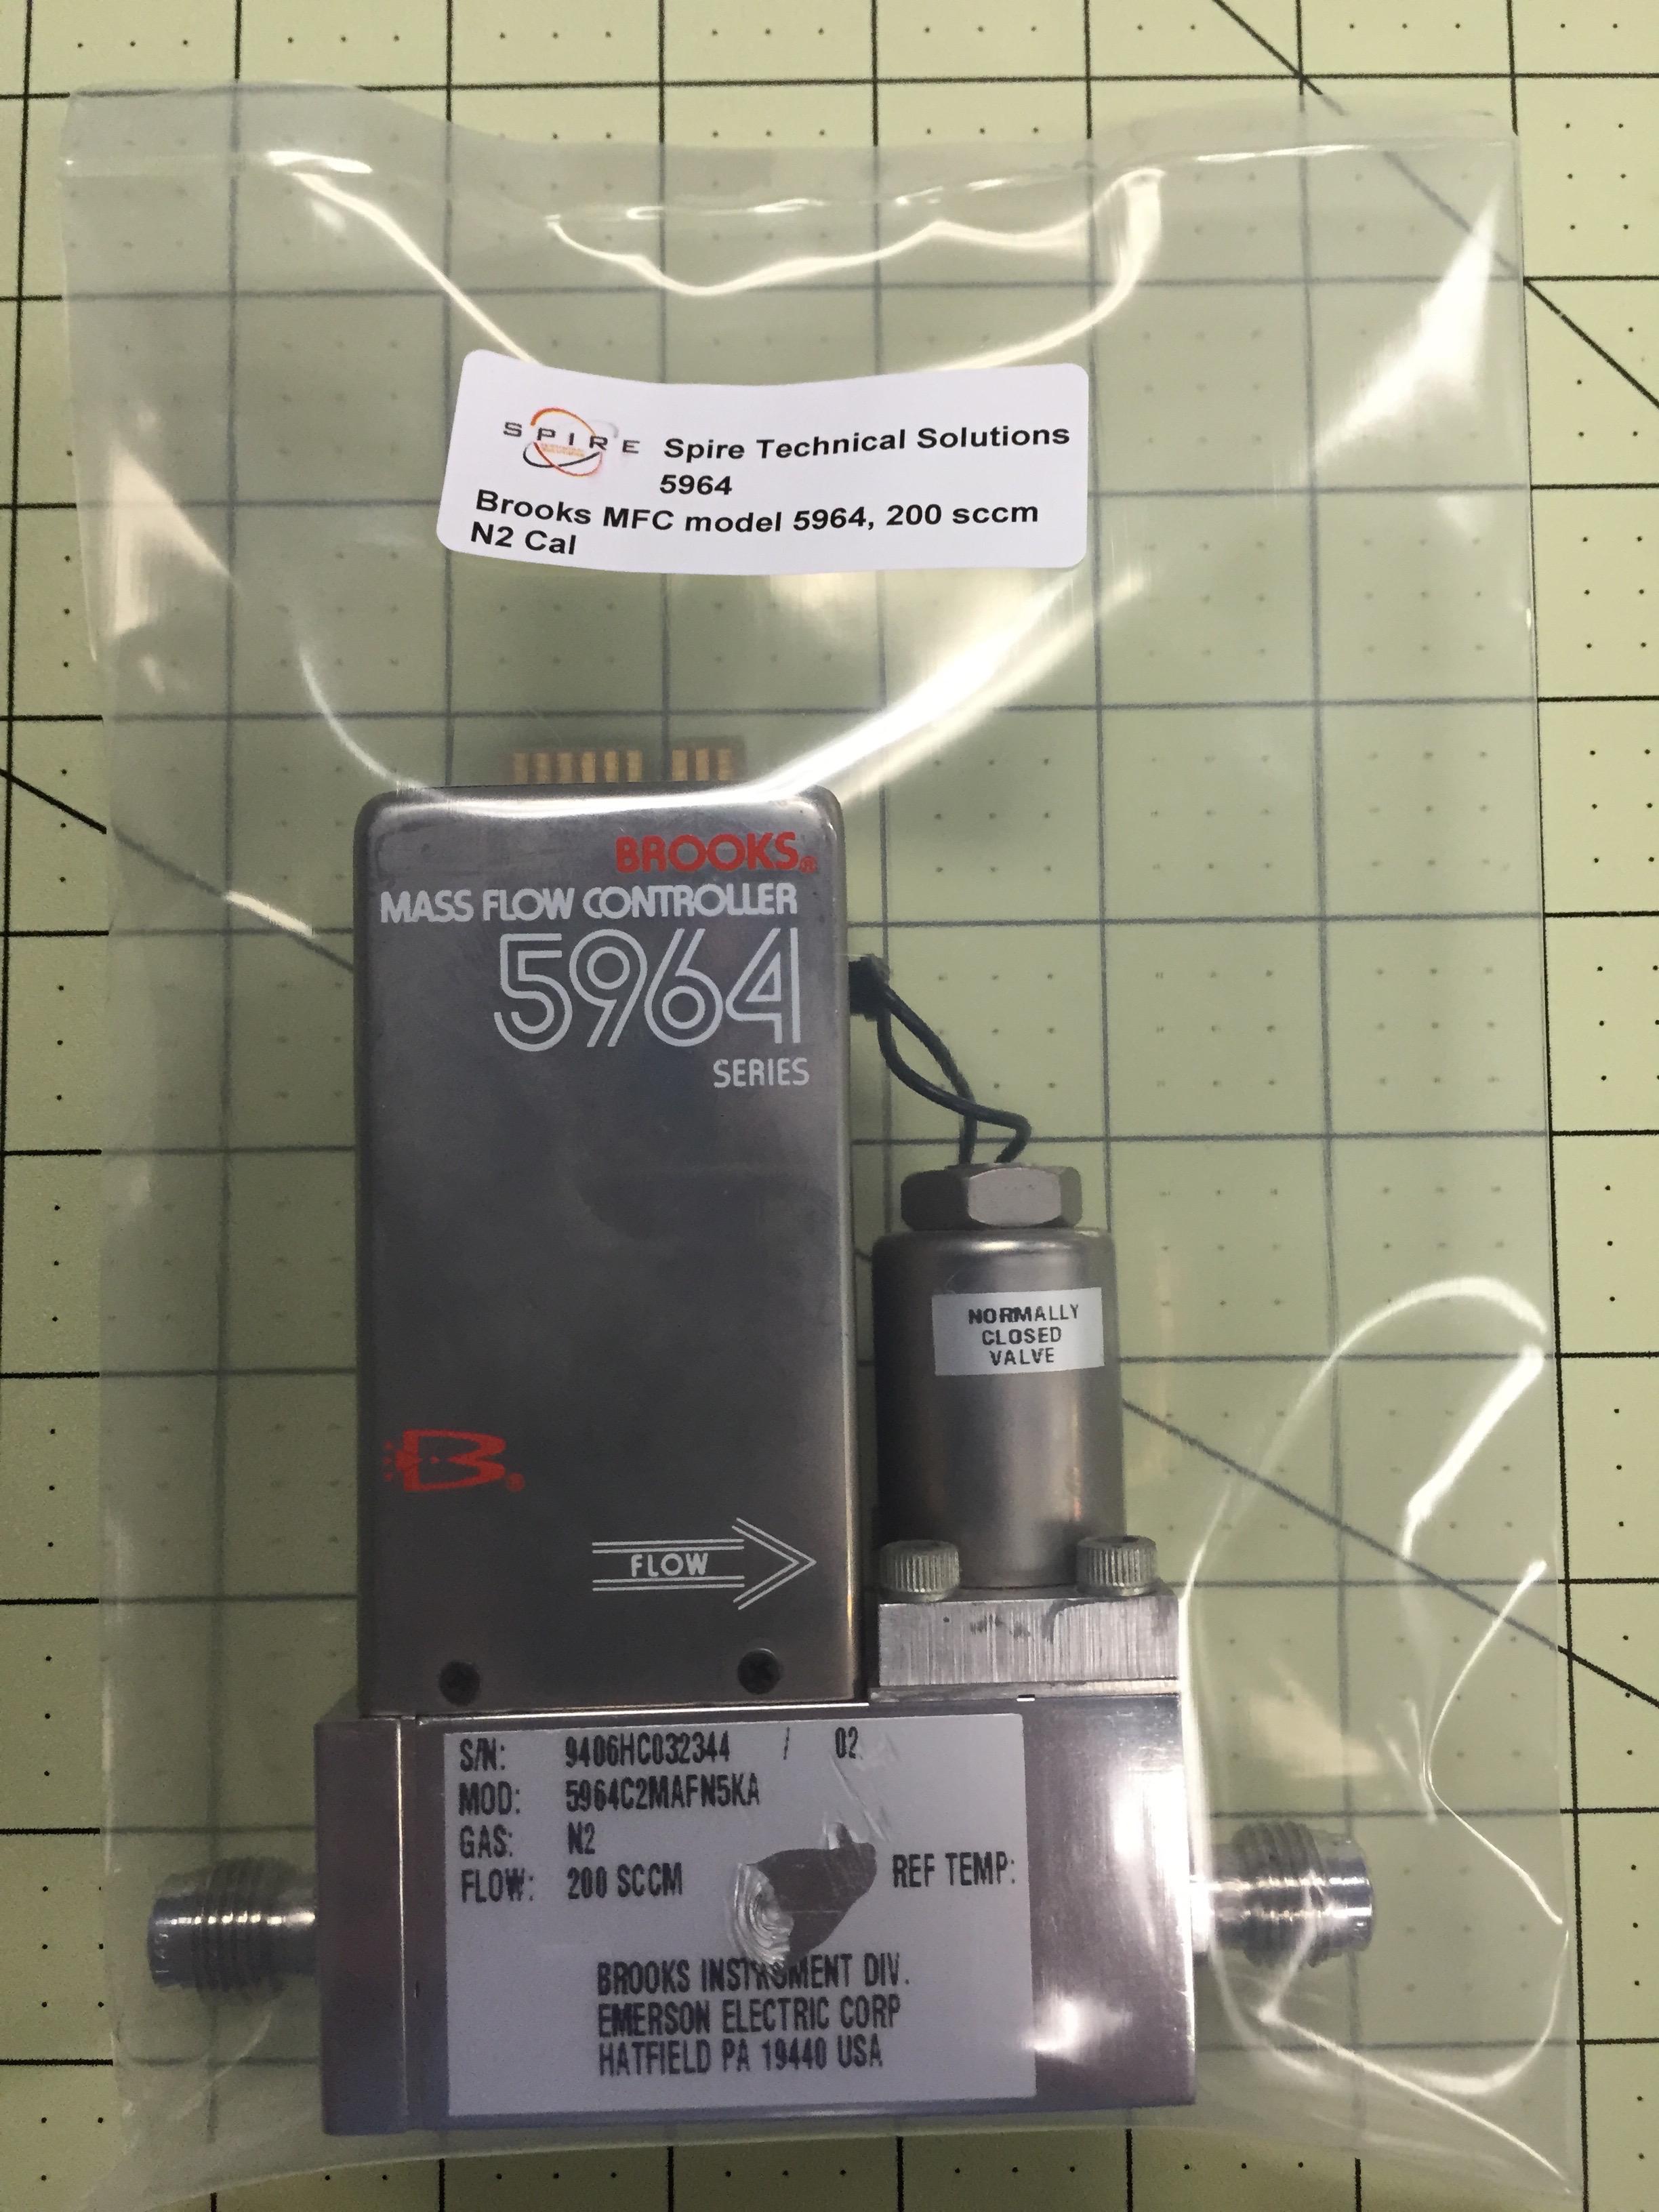 Brooks MFC model 5964, 200 scc